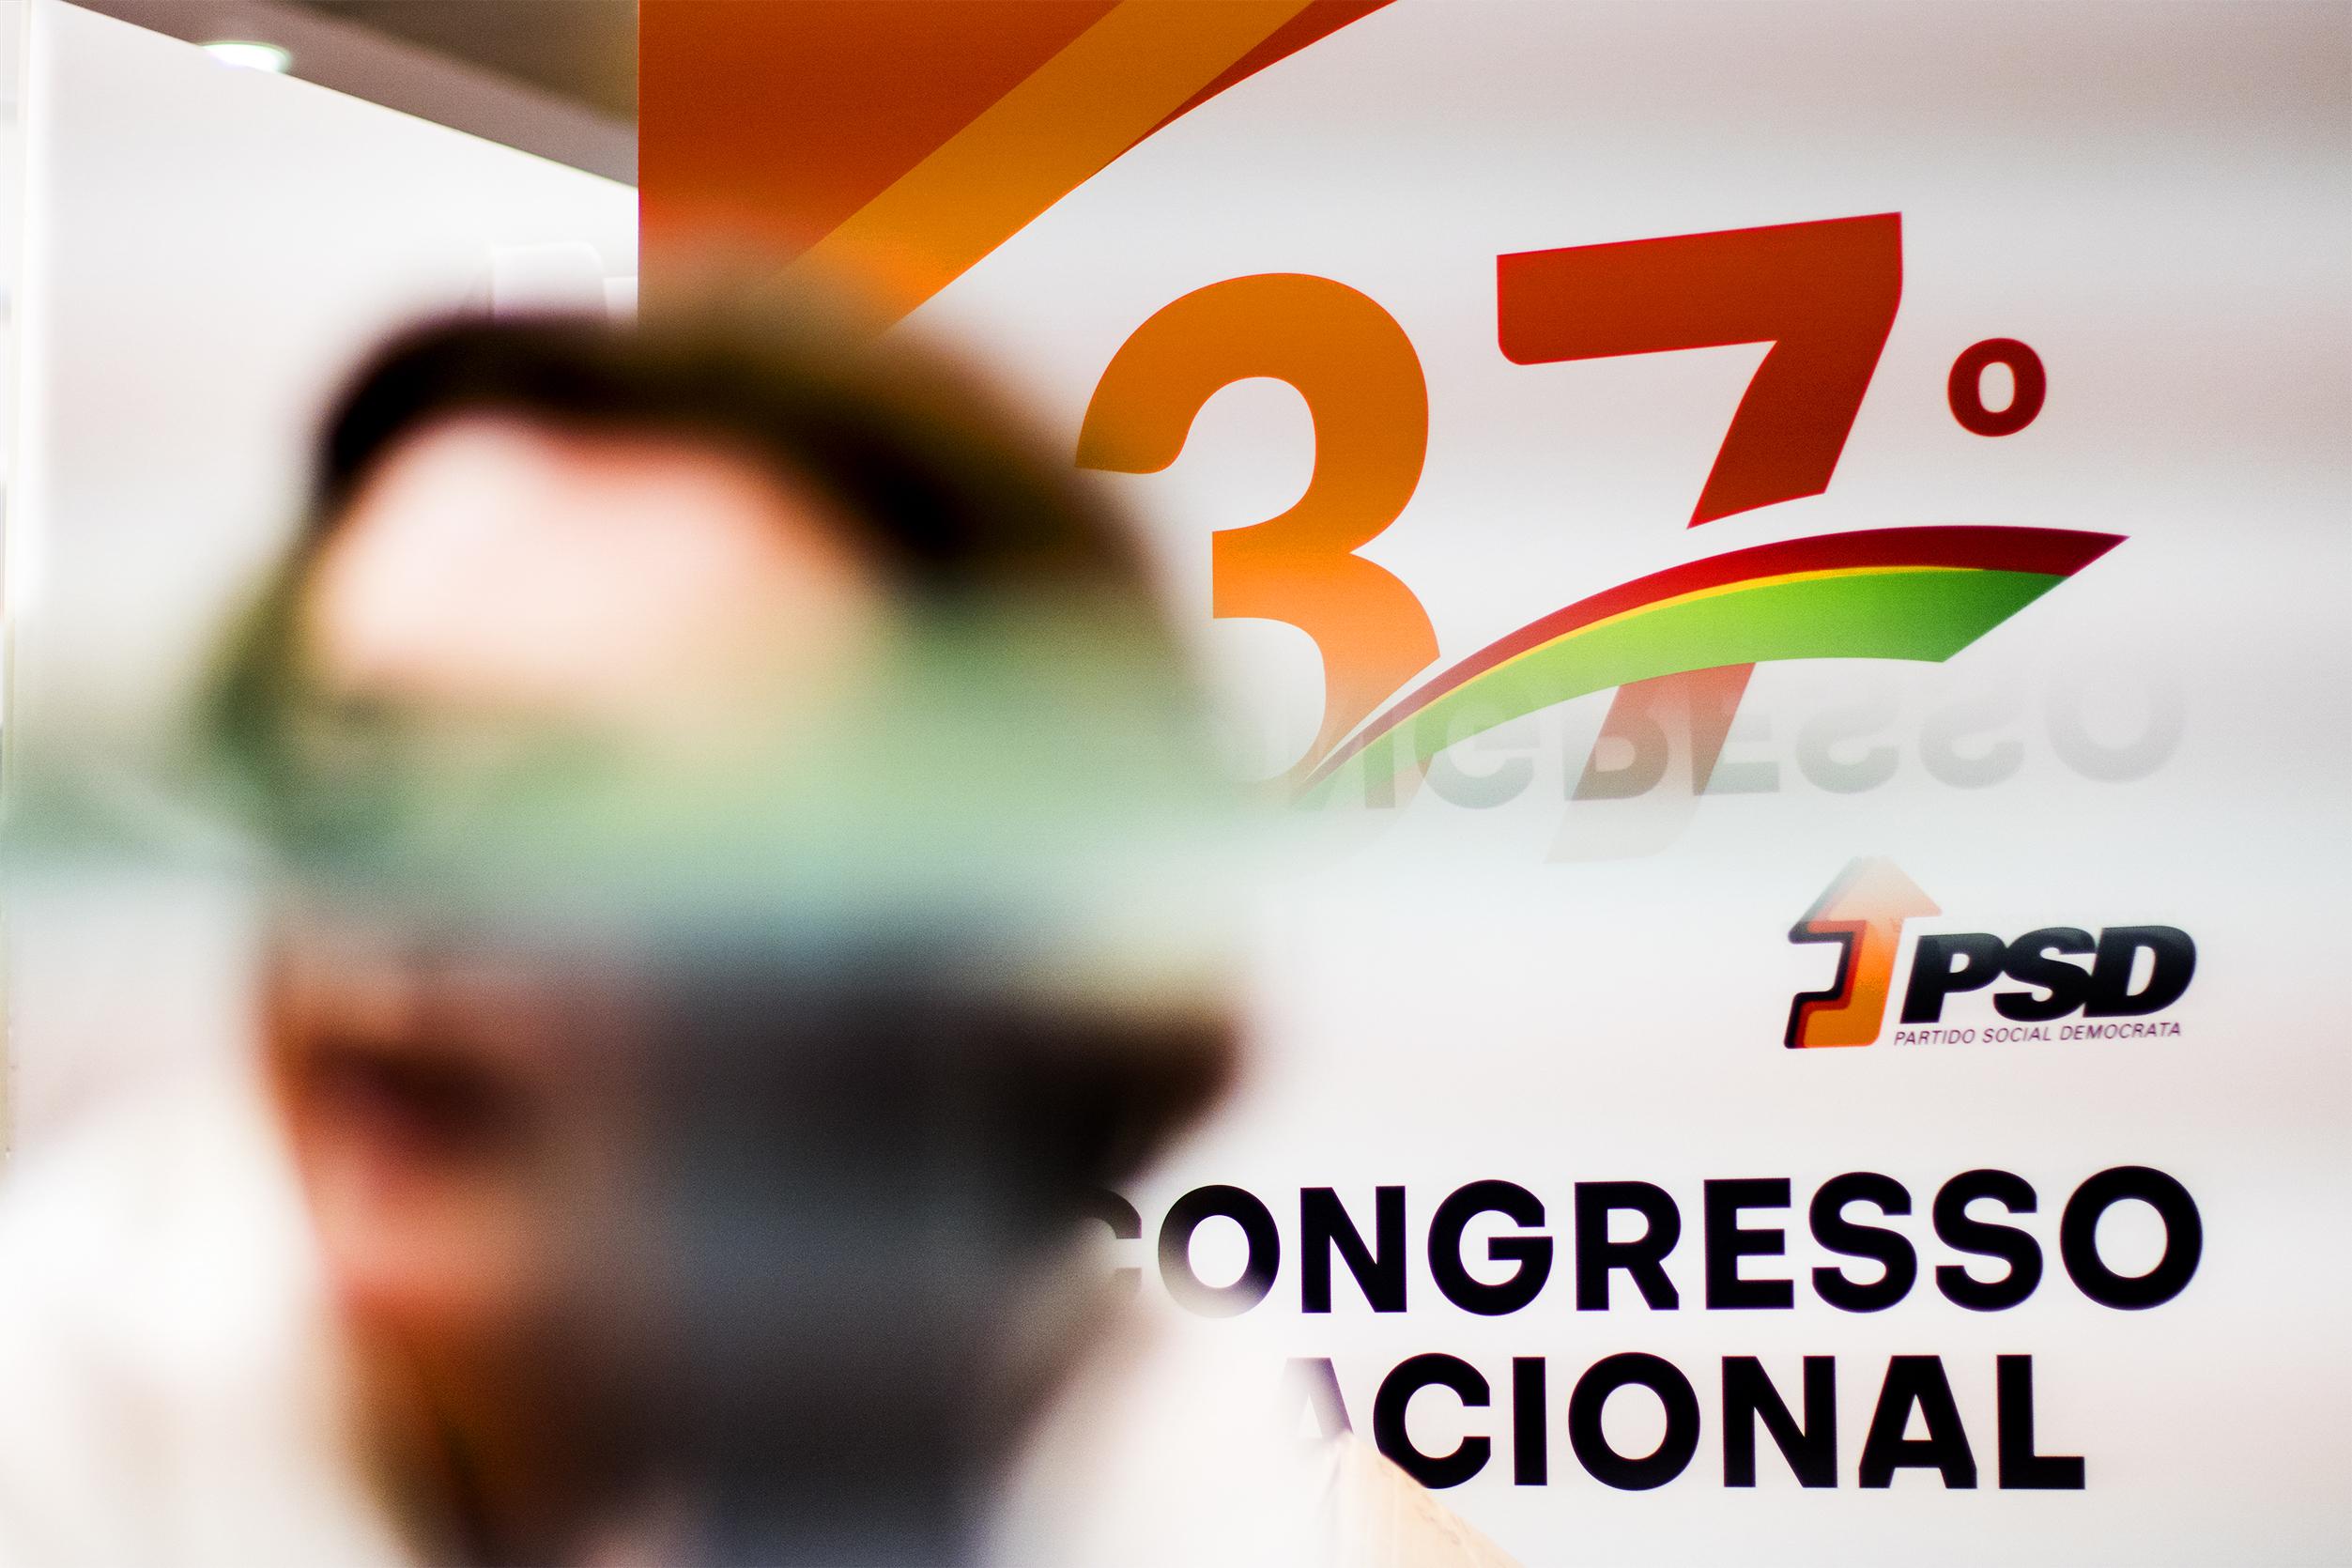 PSD/Congresso: Aprovado adiamento de discussão e votação de estatutos para Conselho Nacional